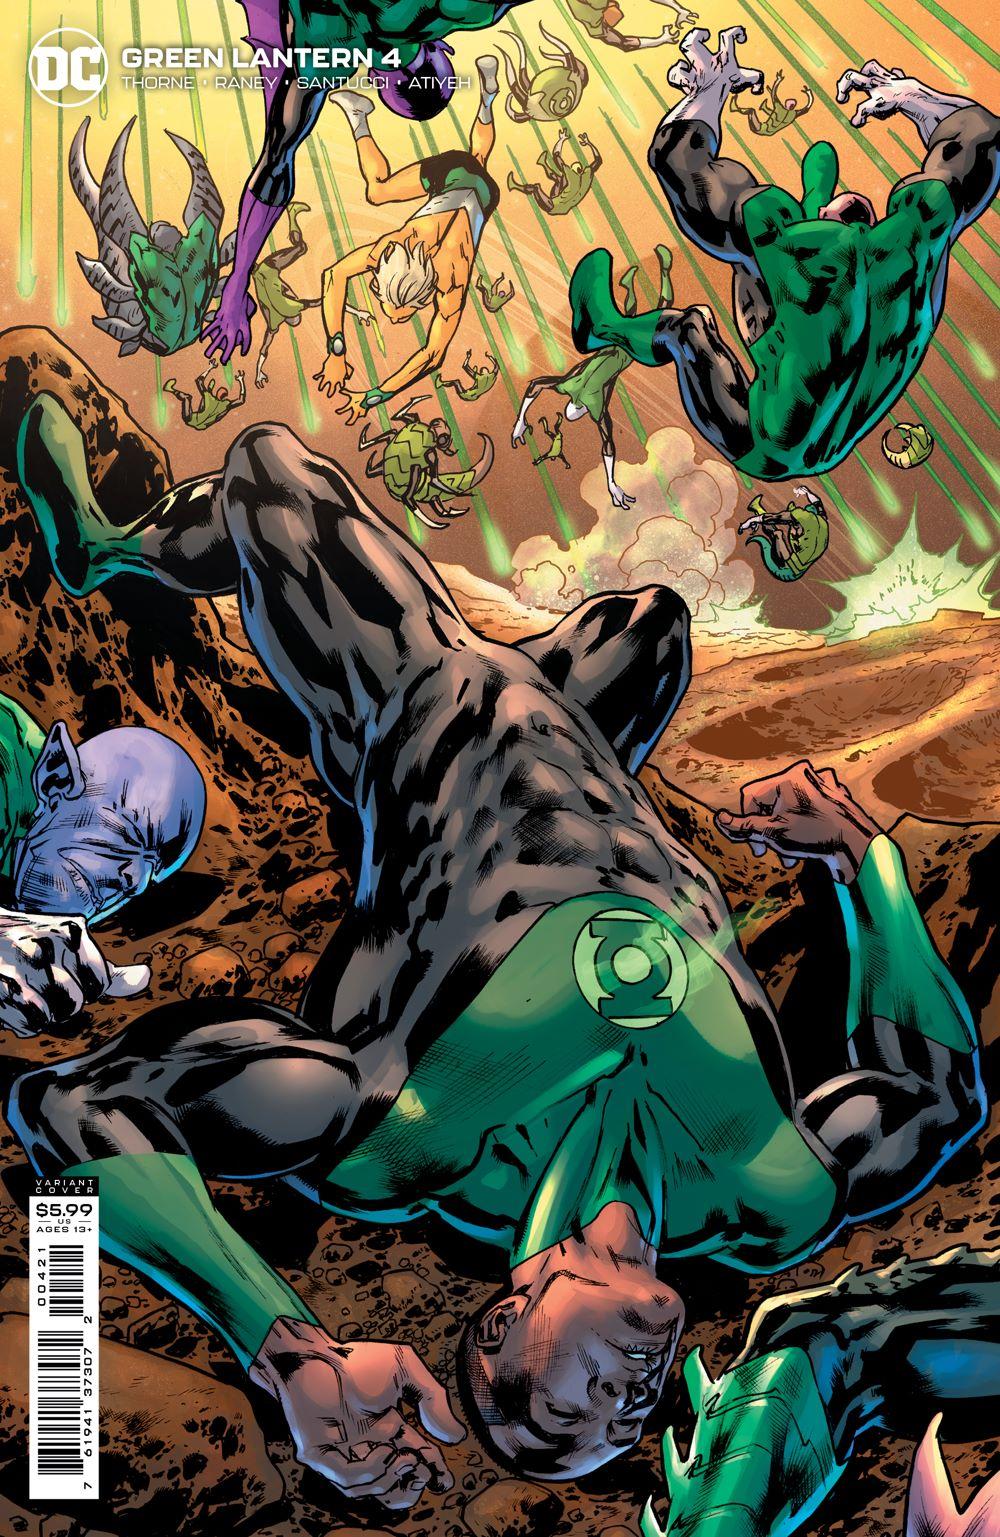 GL_Cv4_var DC Comics July 2021 Solicitations